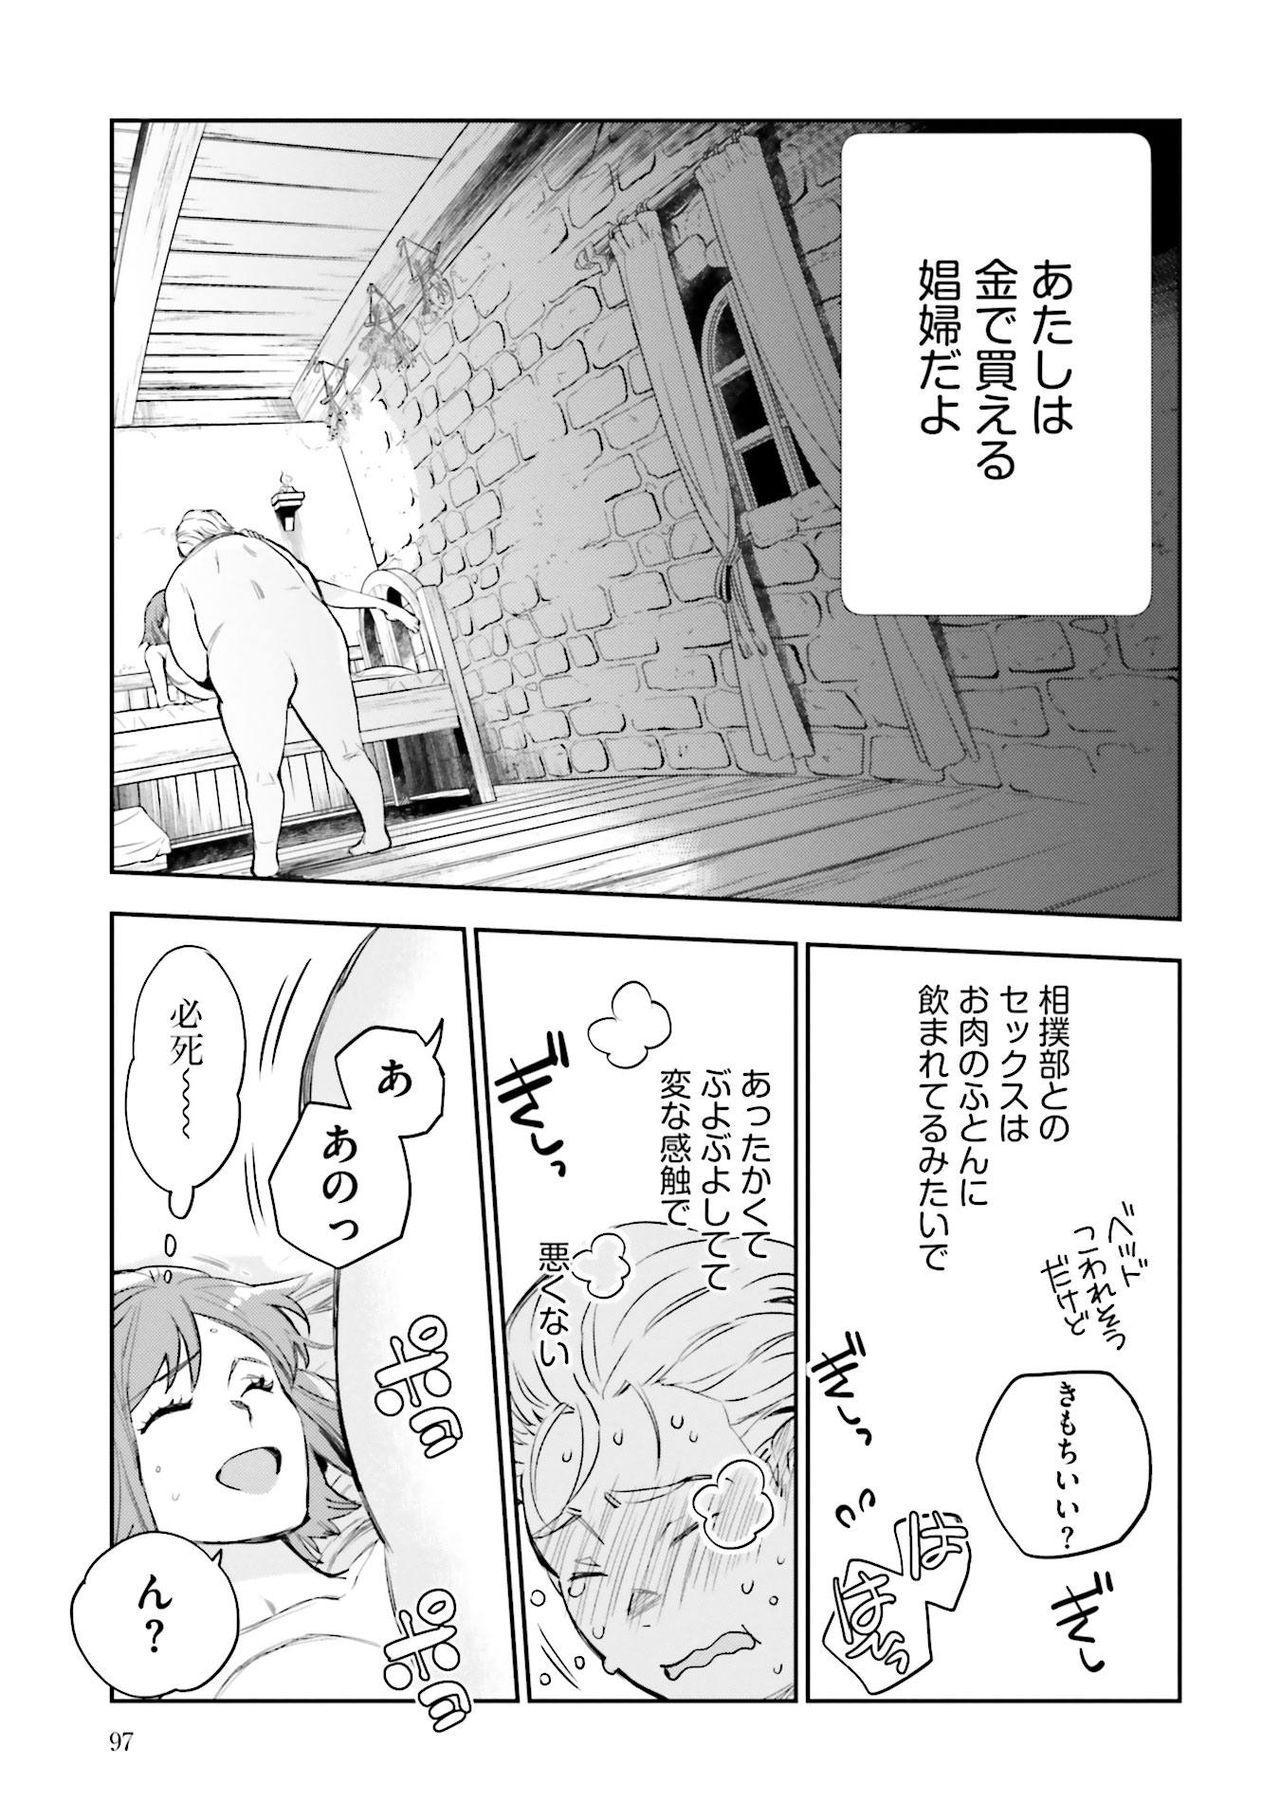 JK Haru wa Isekai de Shoufu ni Natta 1-14 285